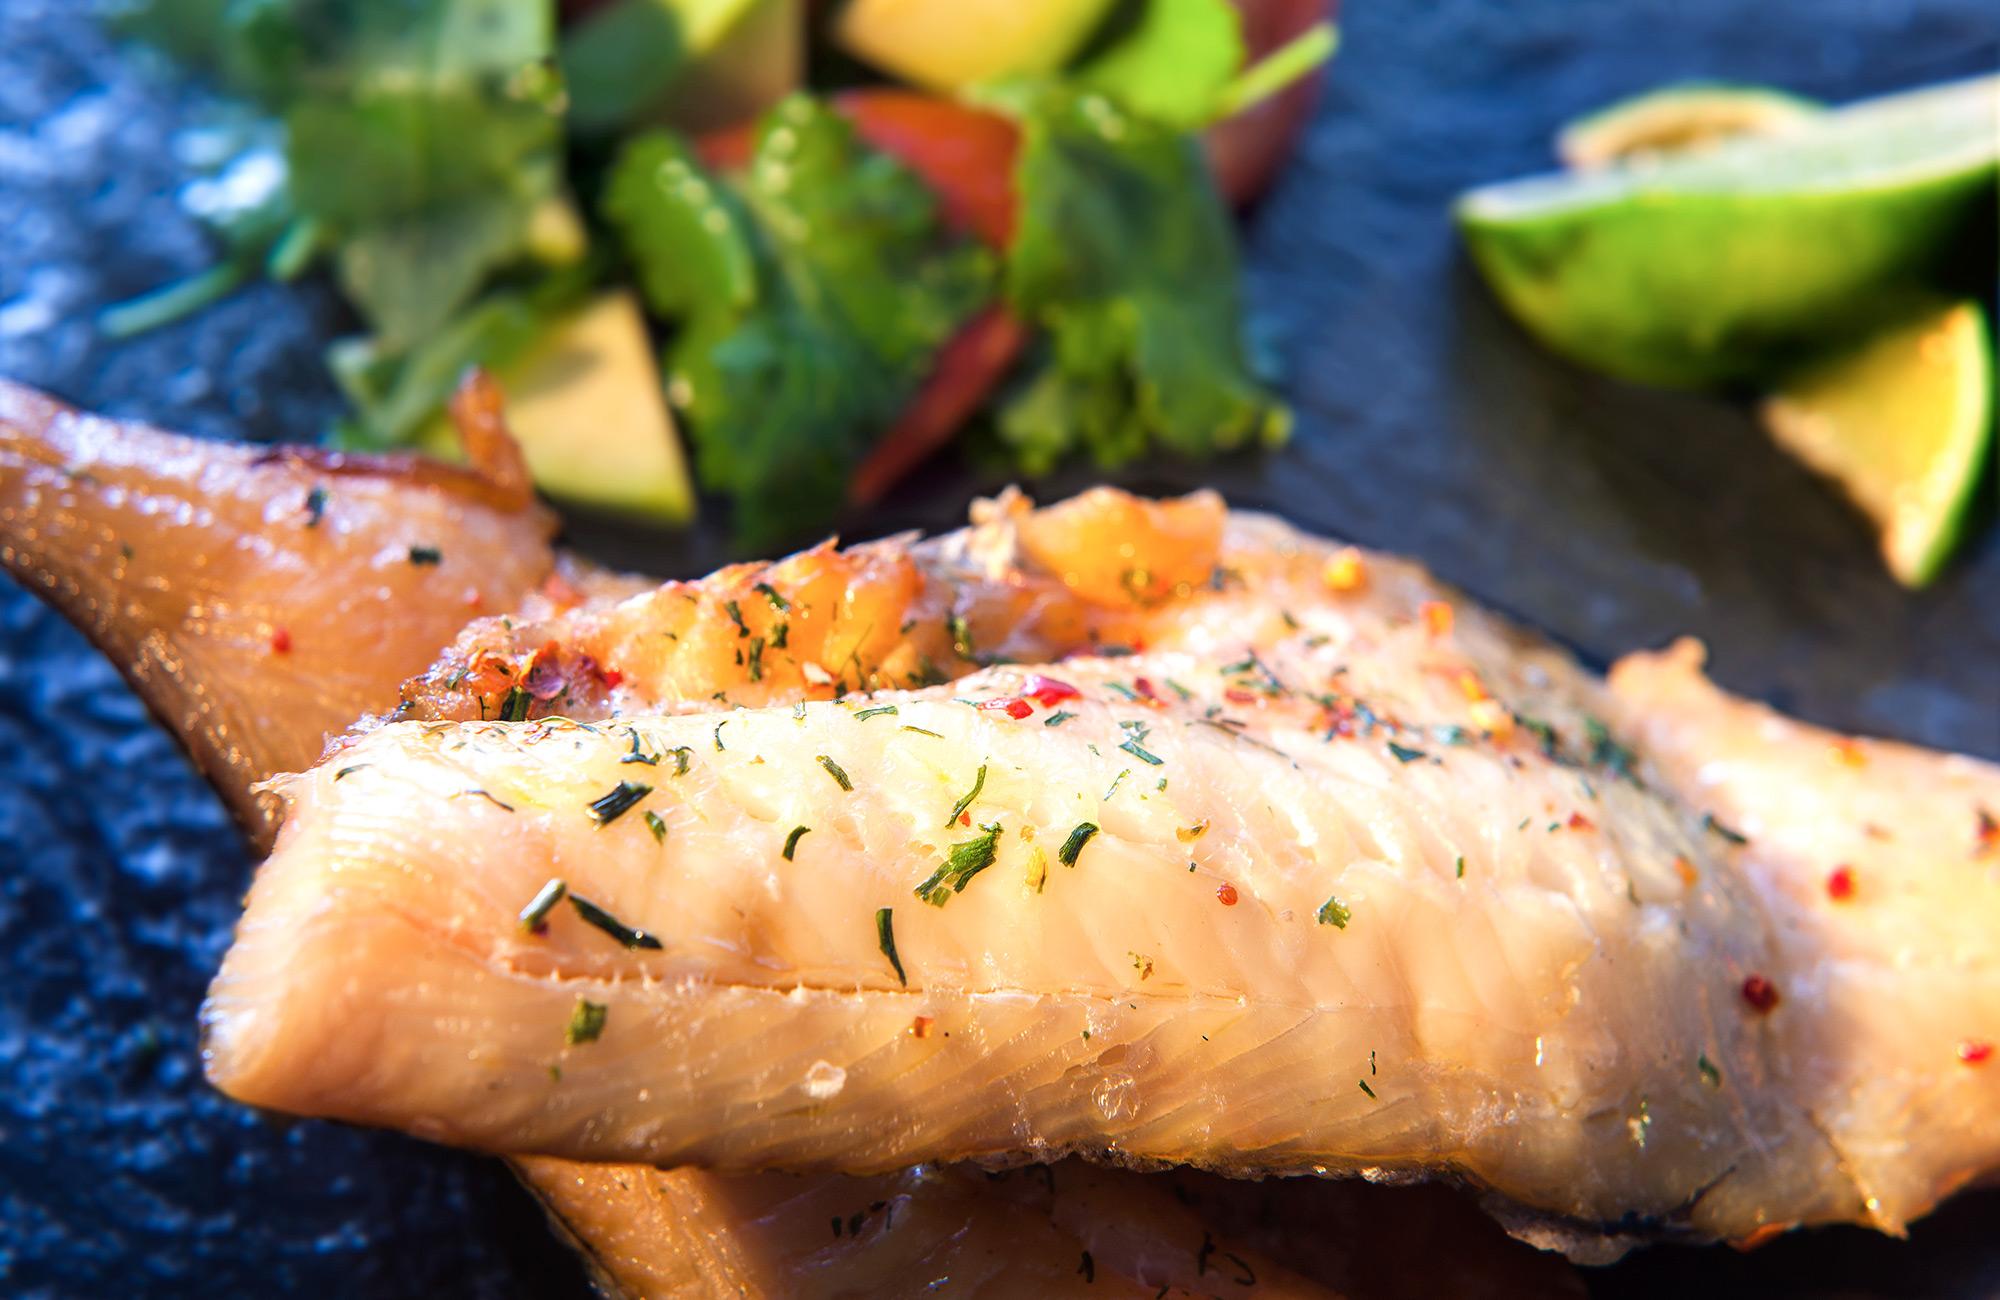 bim-food-fish-photography-bord-iascaigh-mhara-ireland